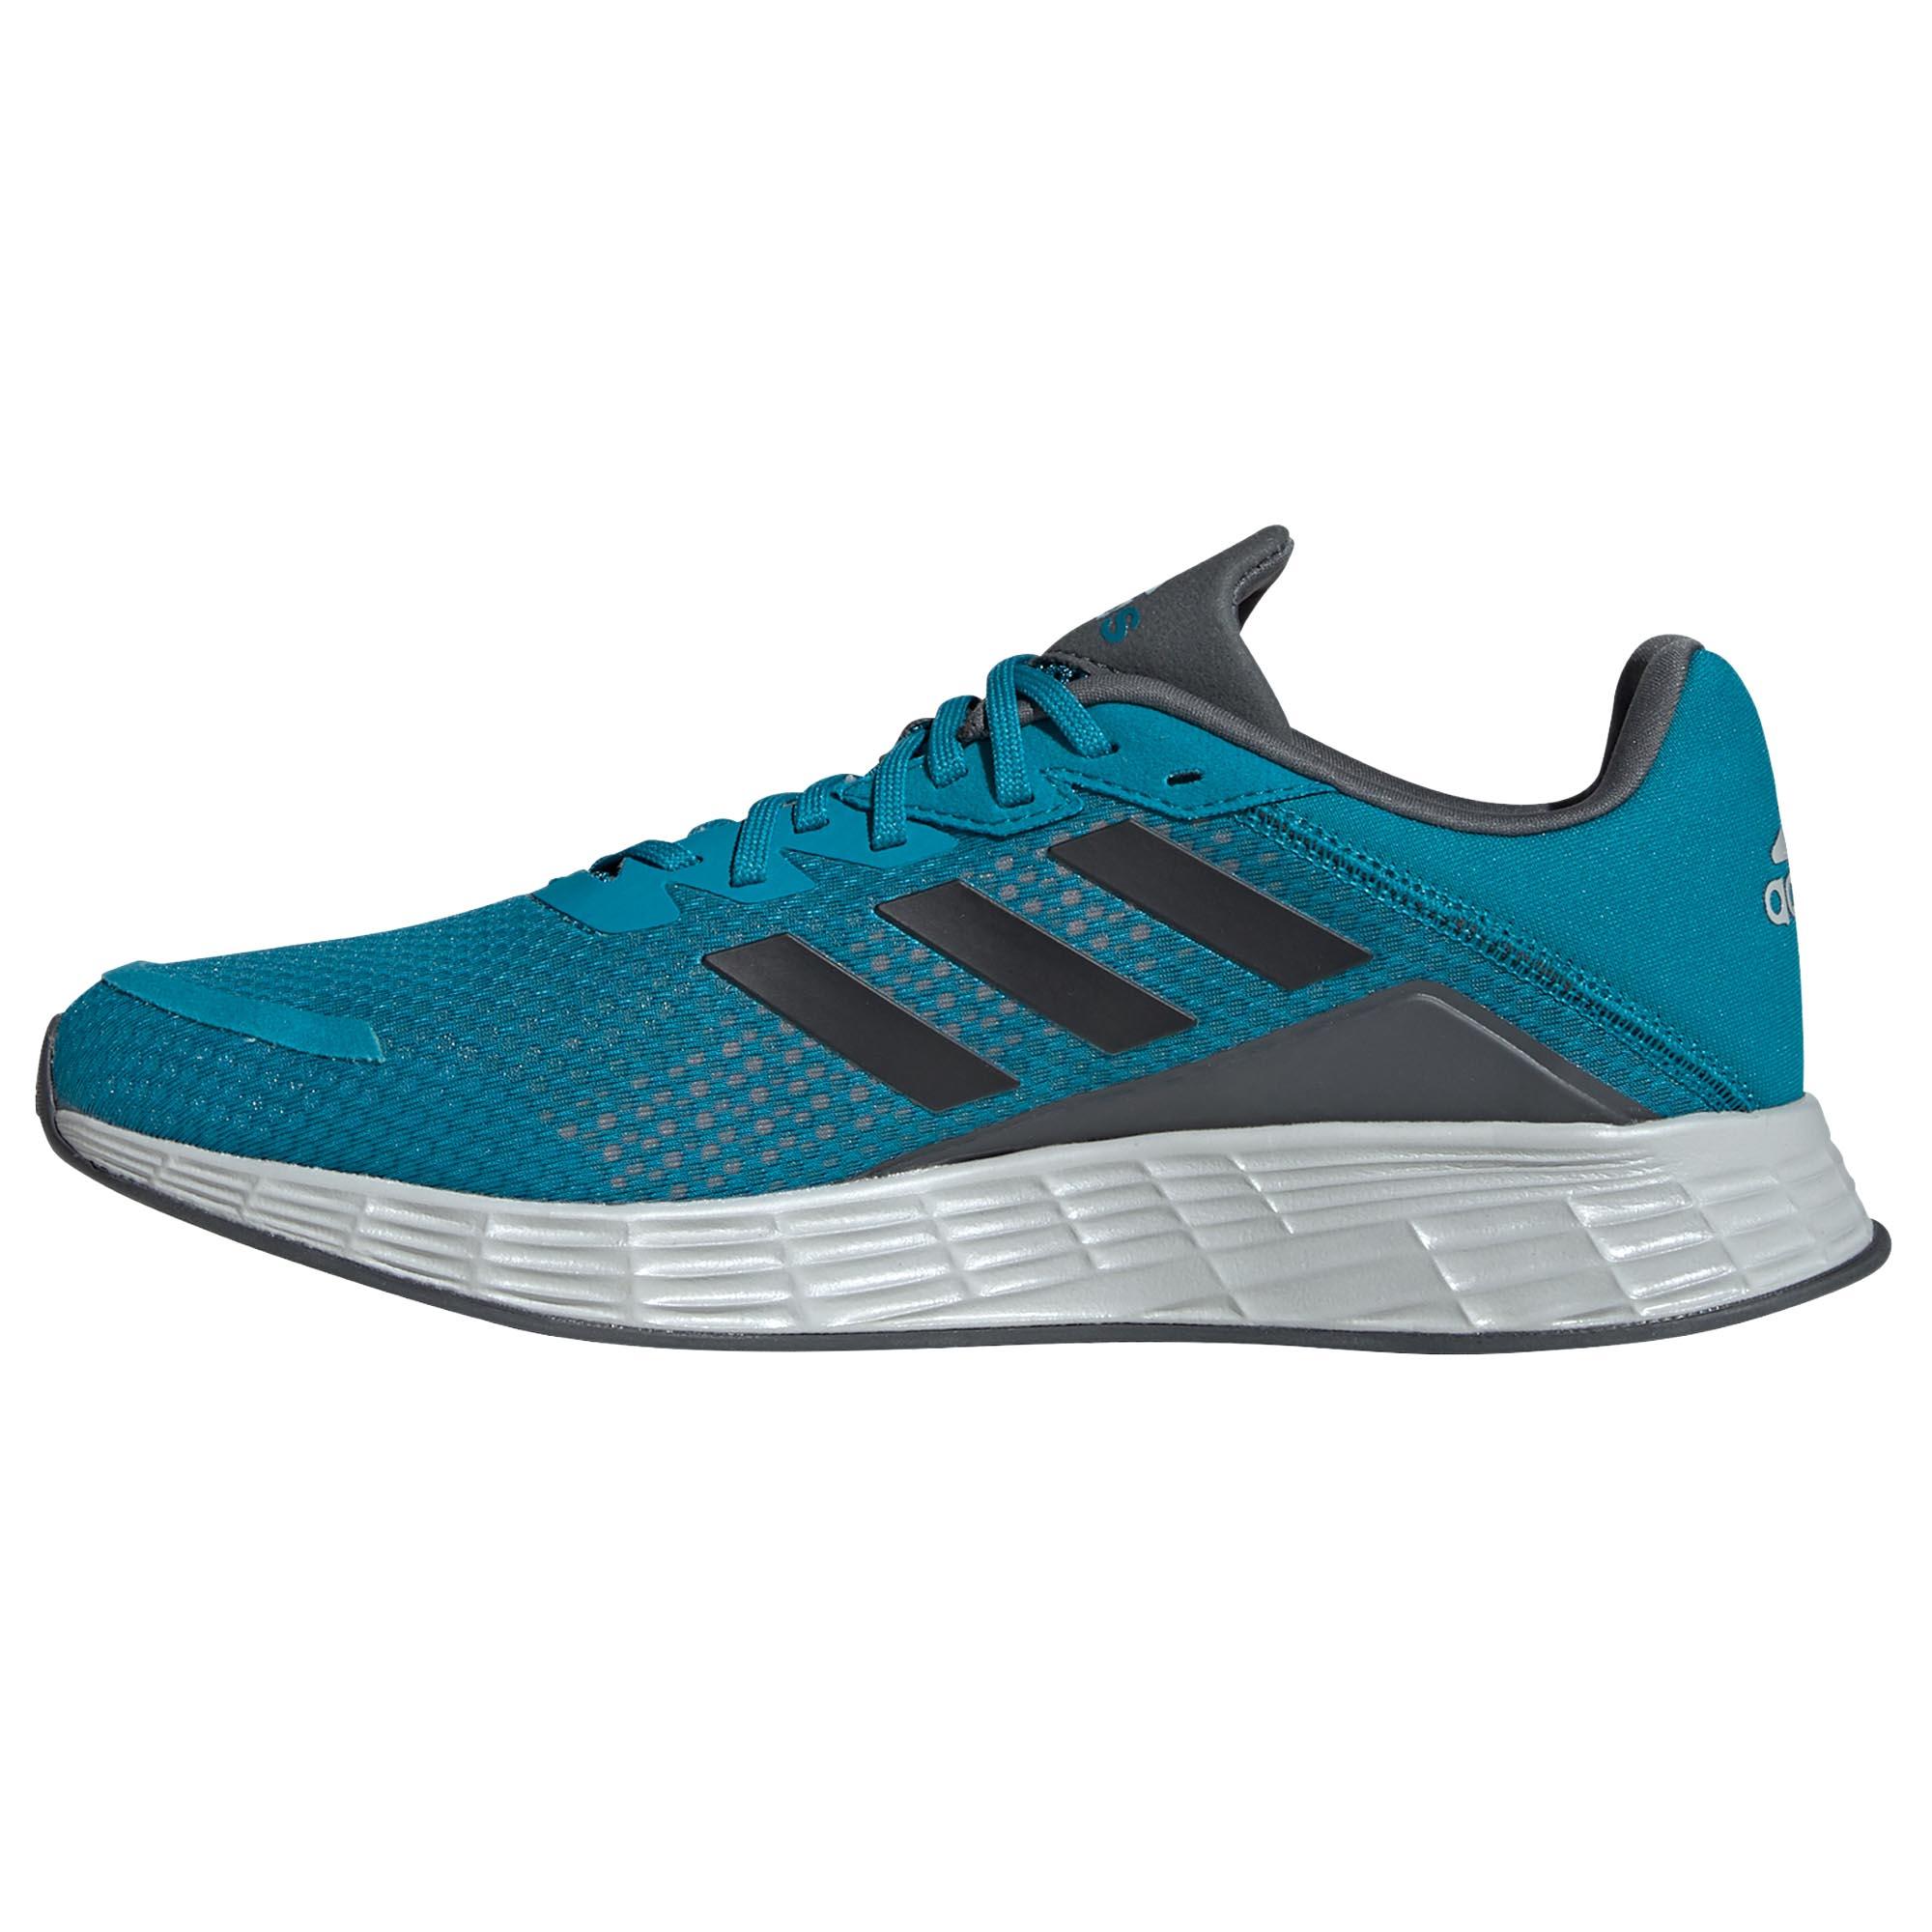 miniature 8 - Adidas Duramo SL Homme Running Fitness Sneaker Chaussure Bleu/Noir